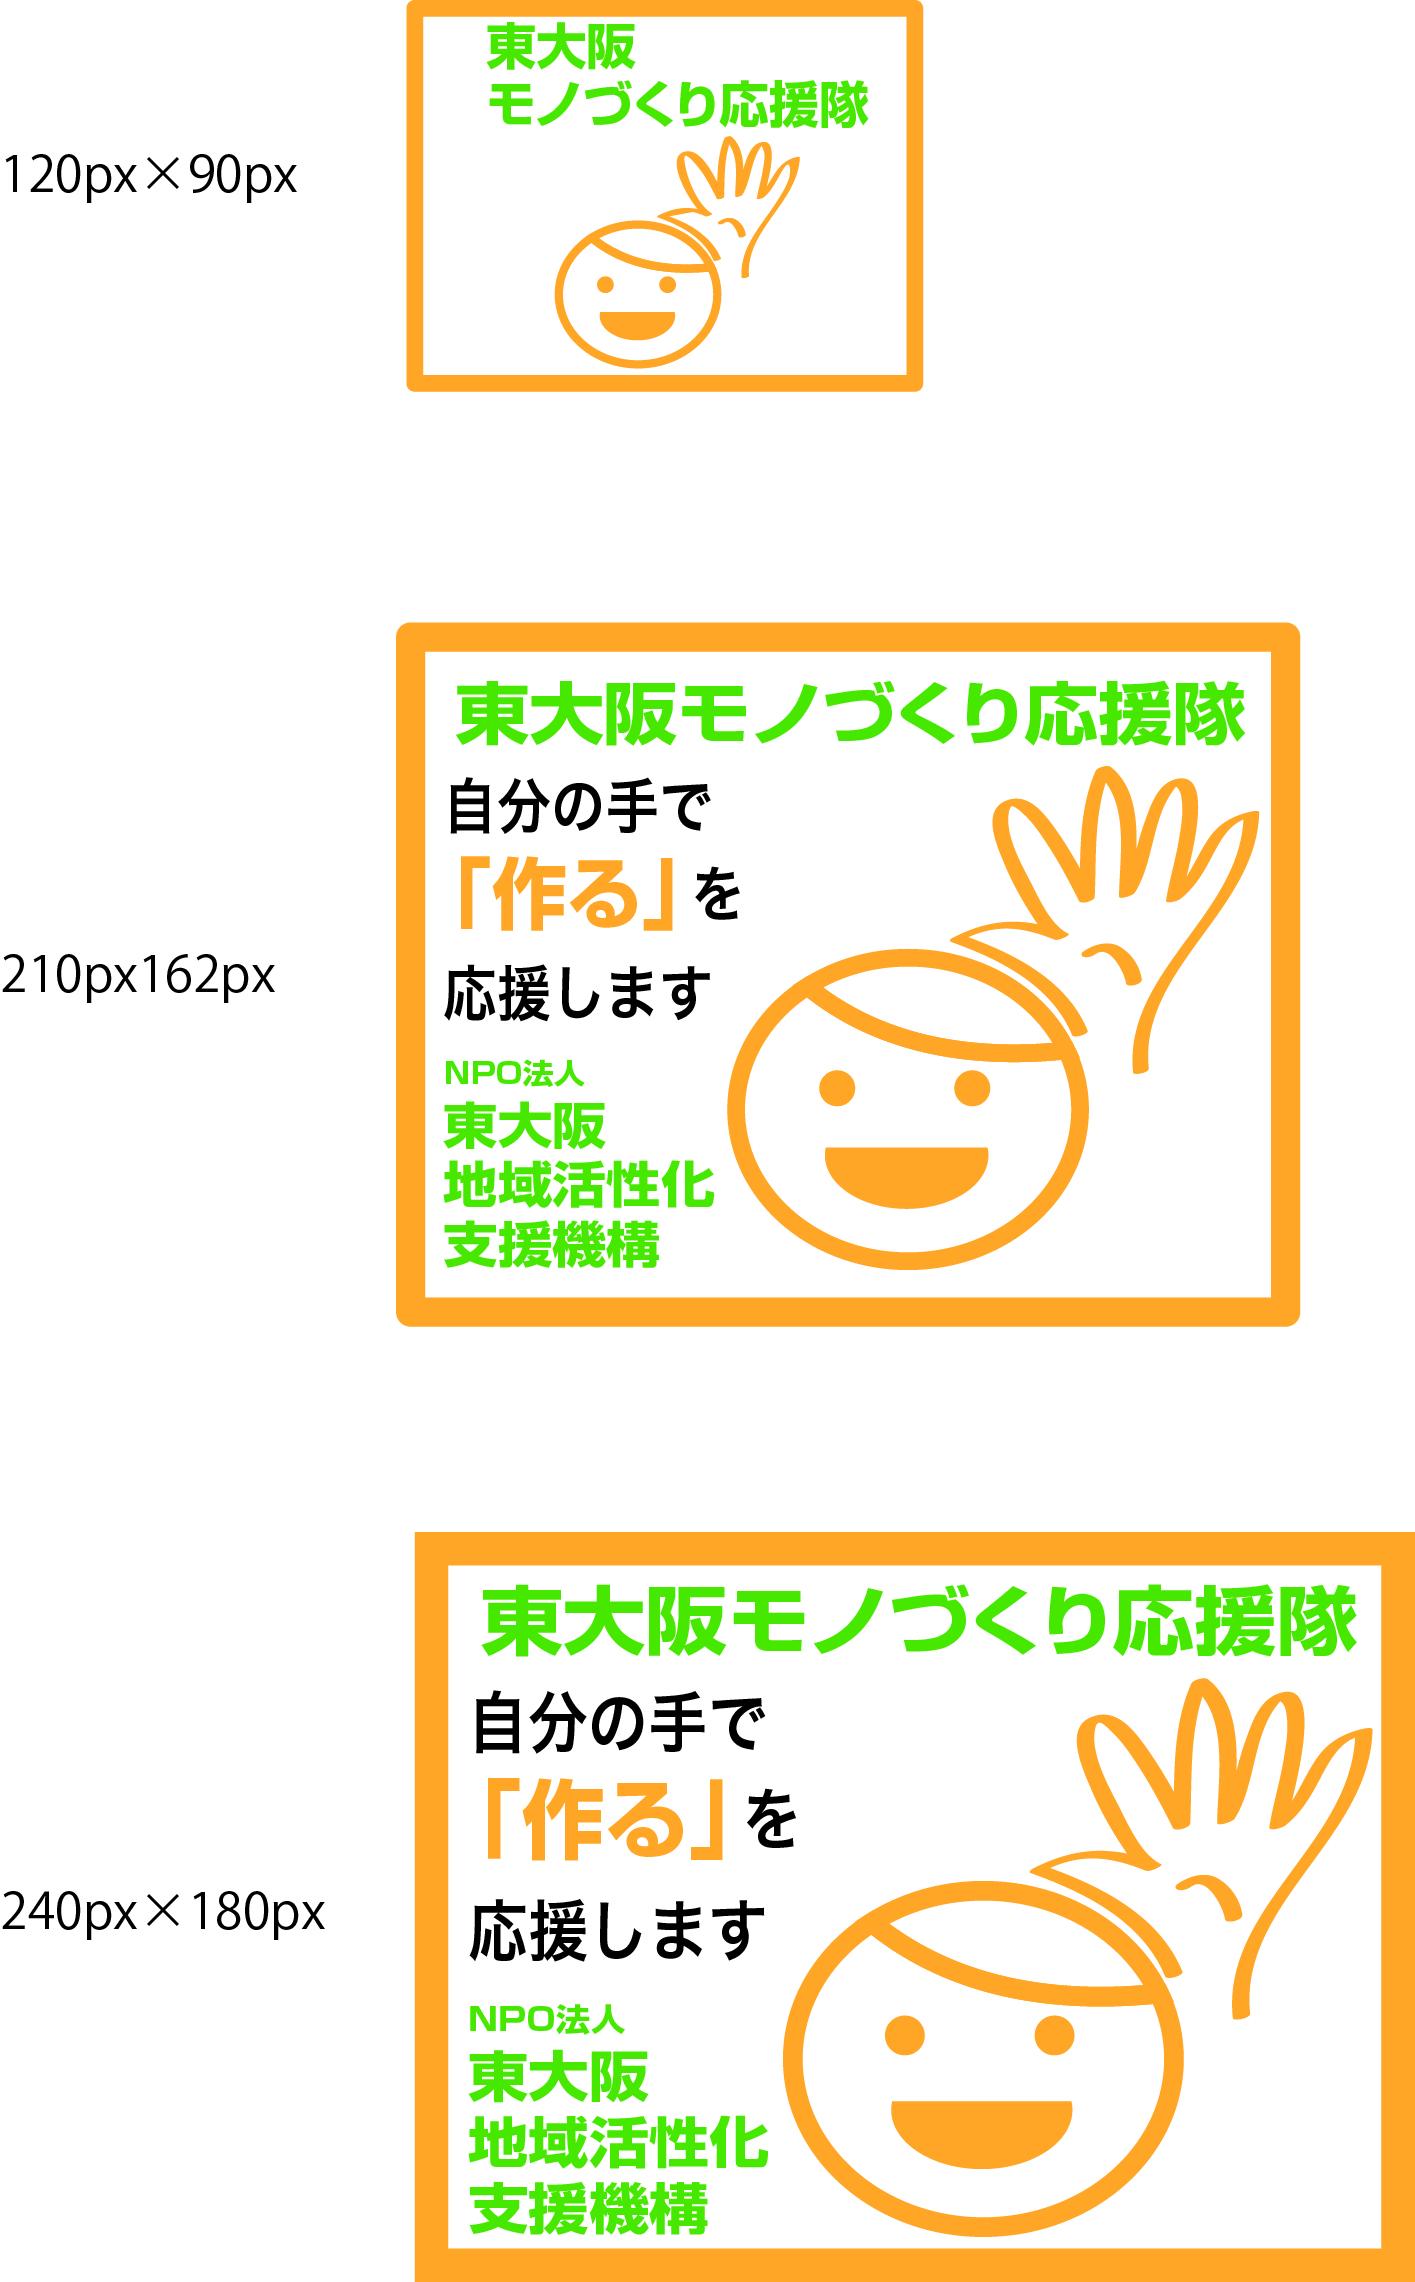 みんなで「東大阪モノづくり応援隊」になろう!サポーター会員募集中!